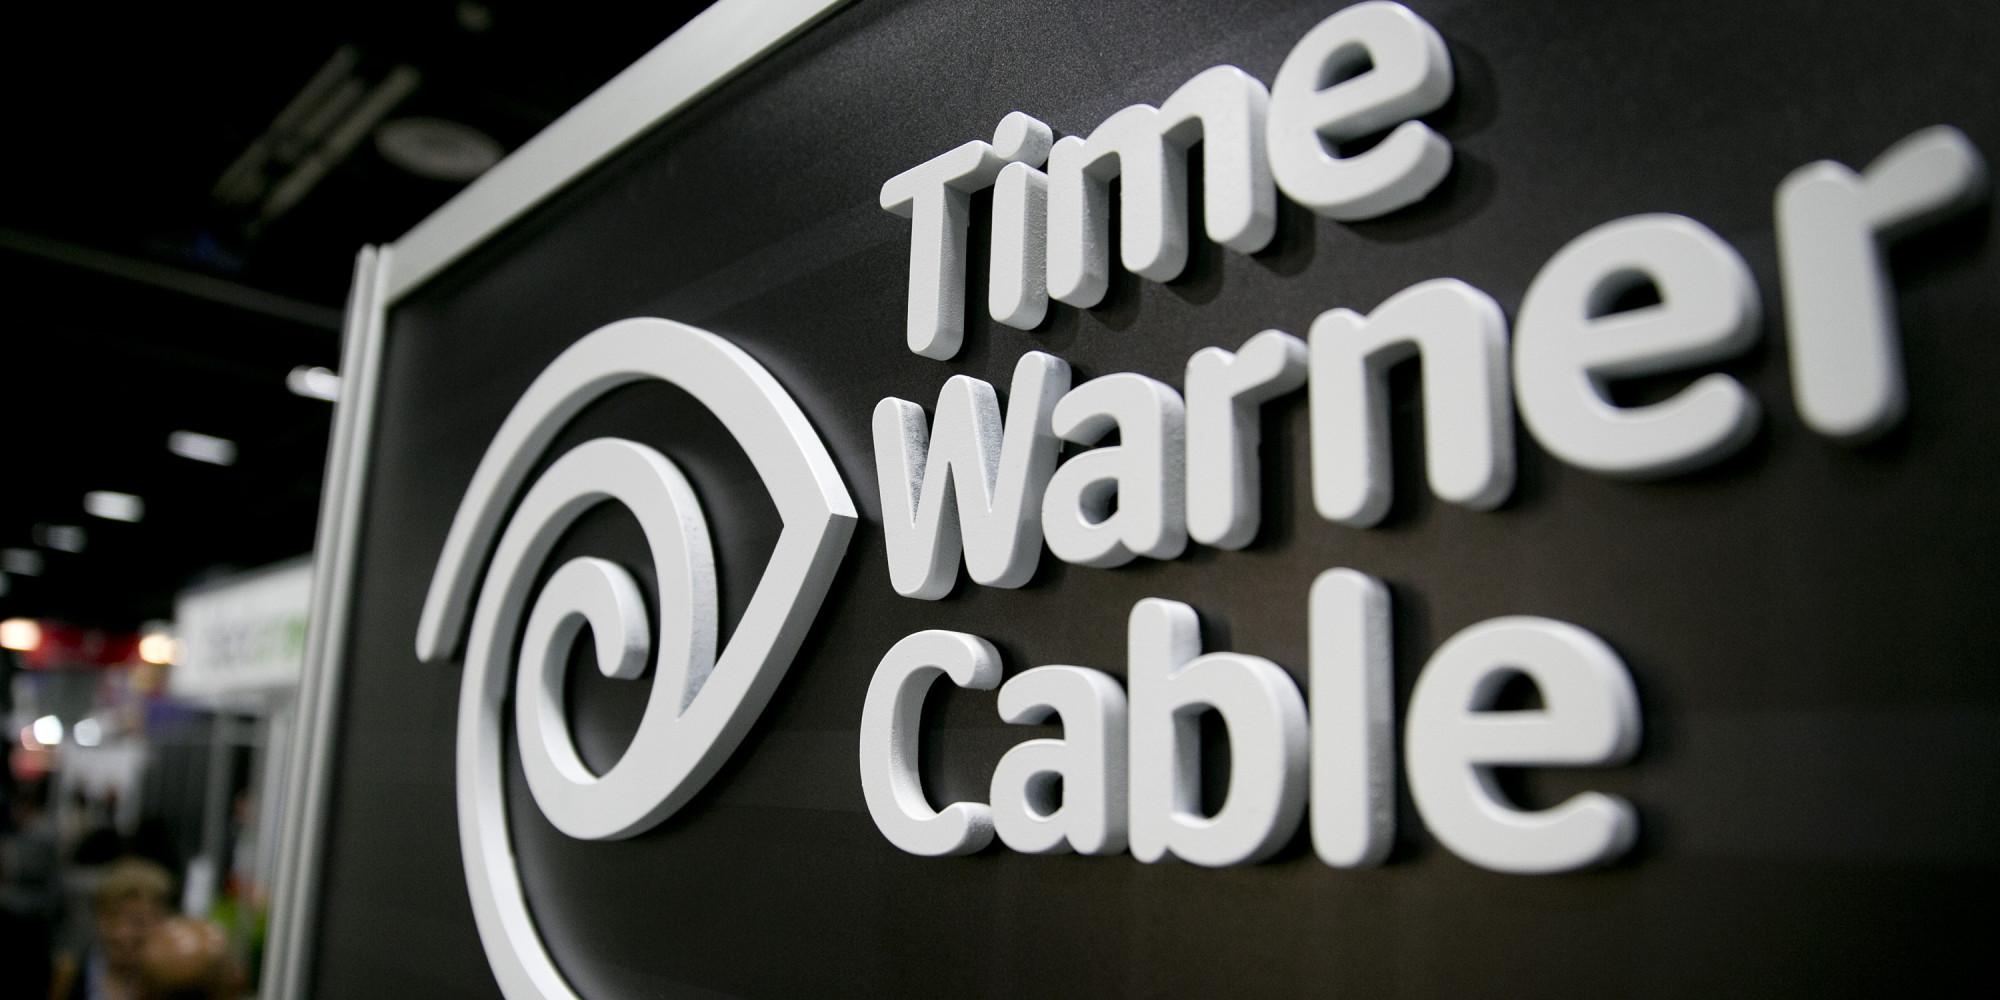 Time Warner Cable logo signage